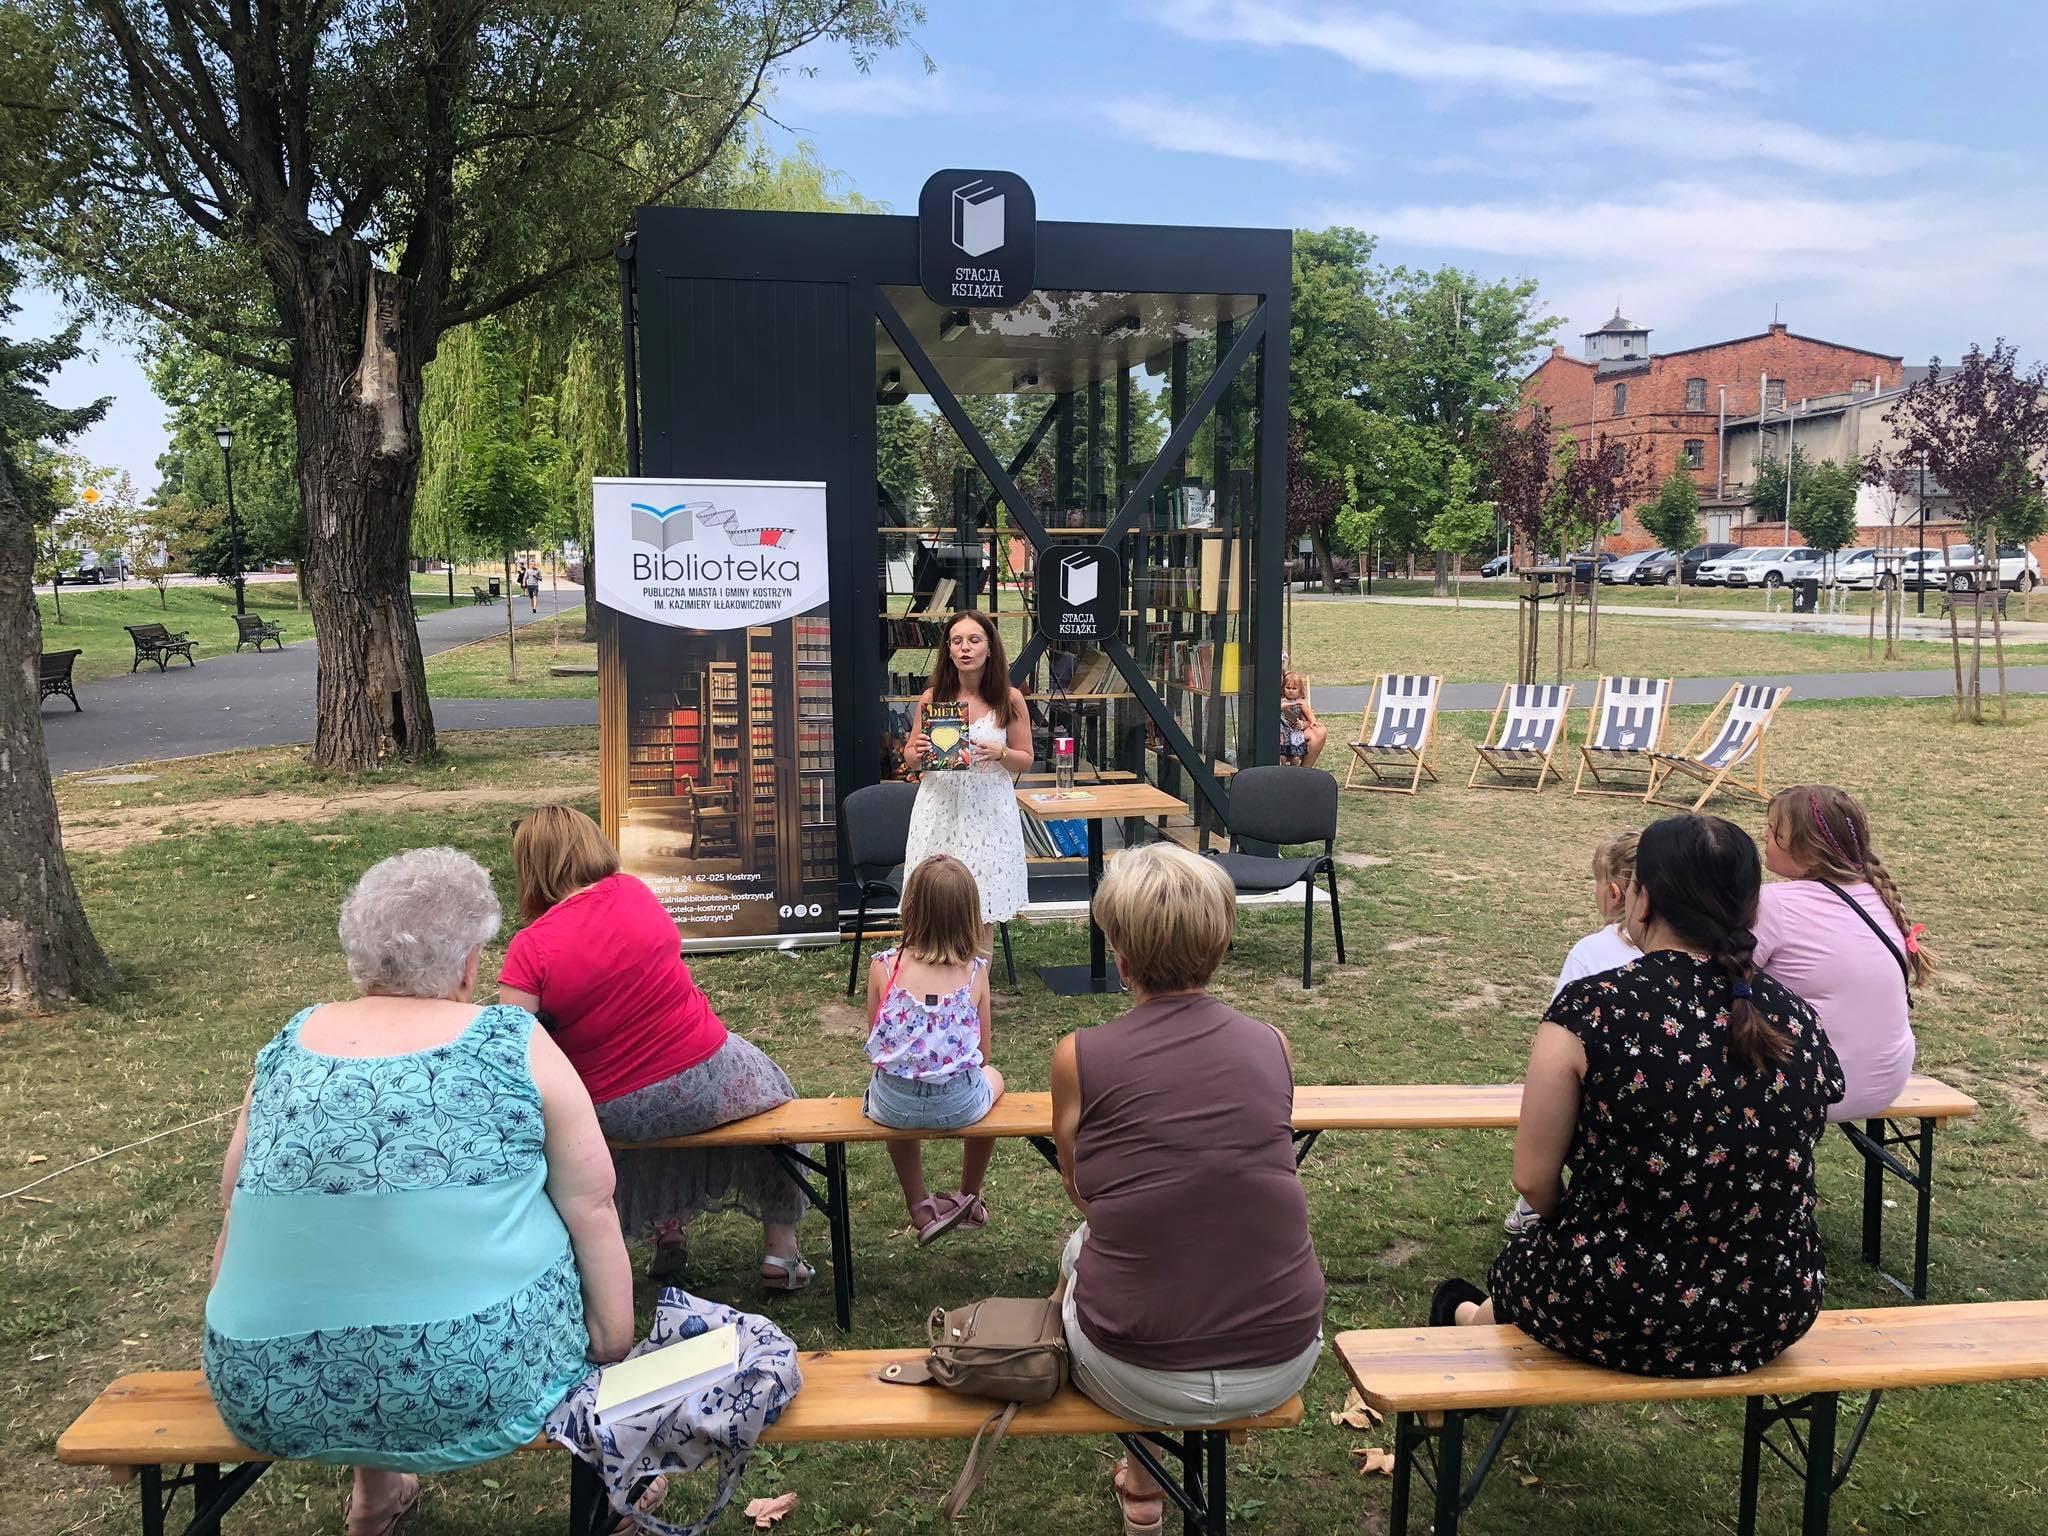 Pani dietetyk prowadzi spotkanie na temat zdrowej diety w Parku Miejskim w Kostrzynie